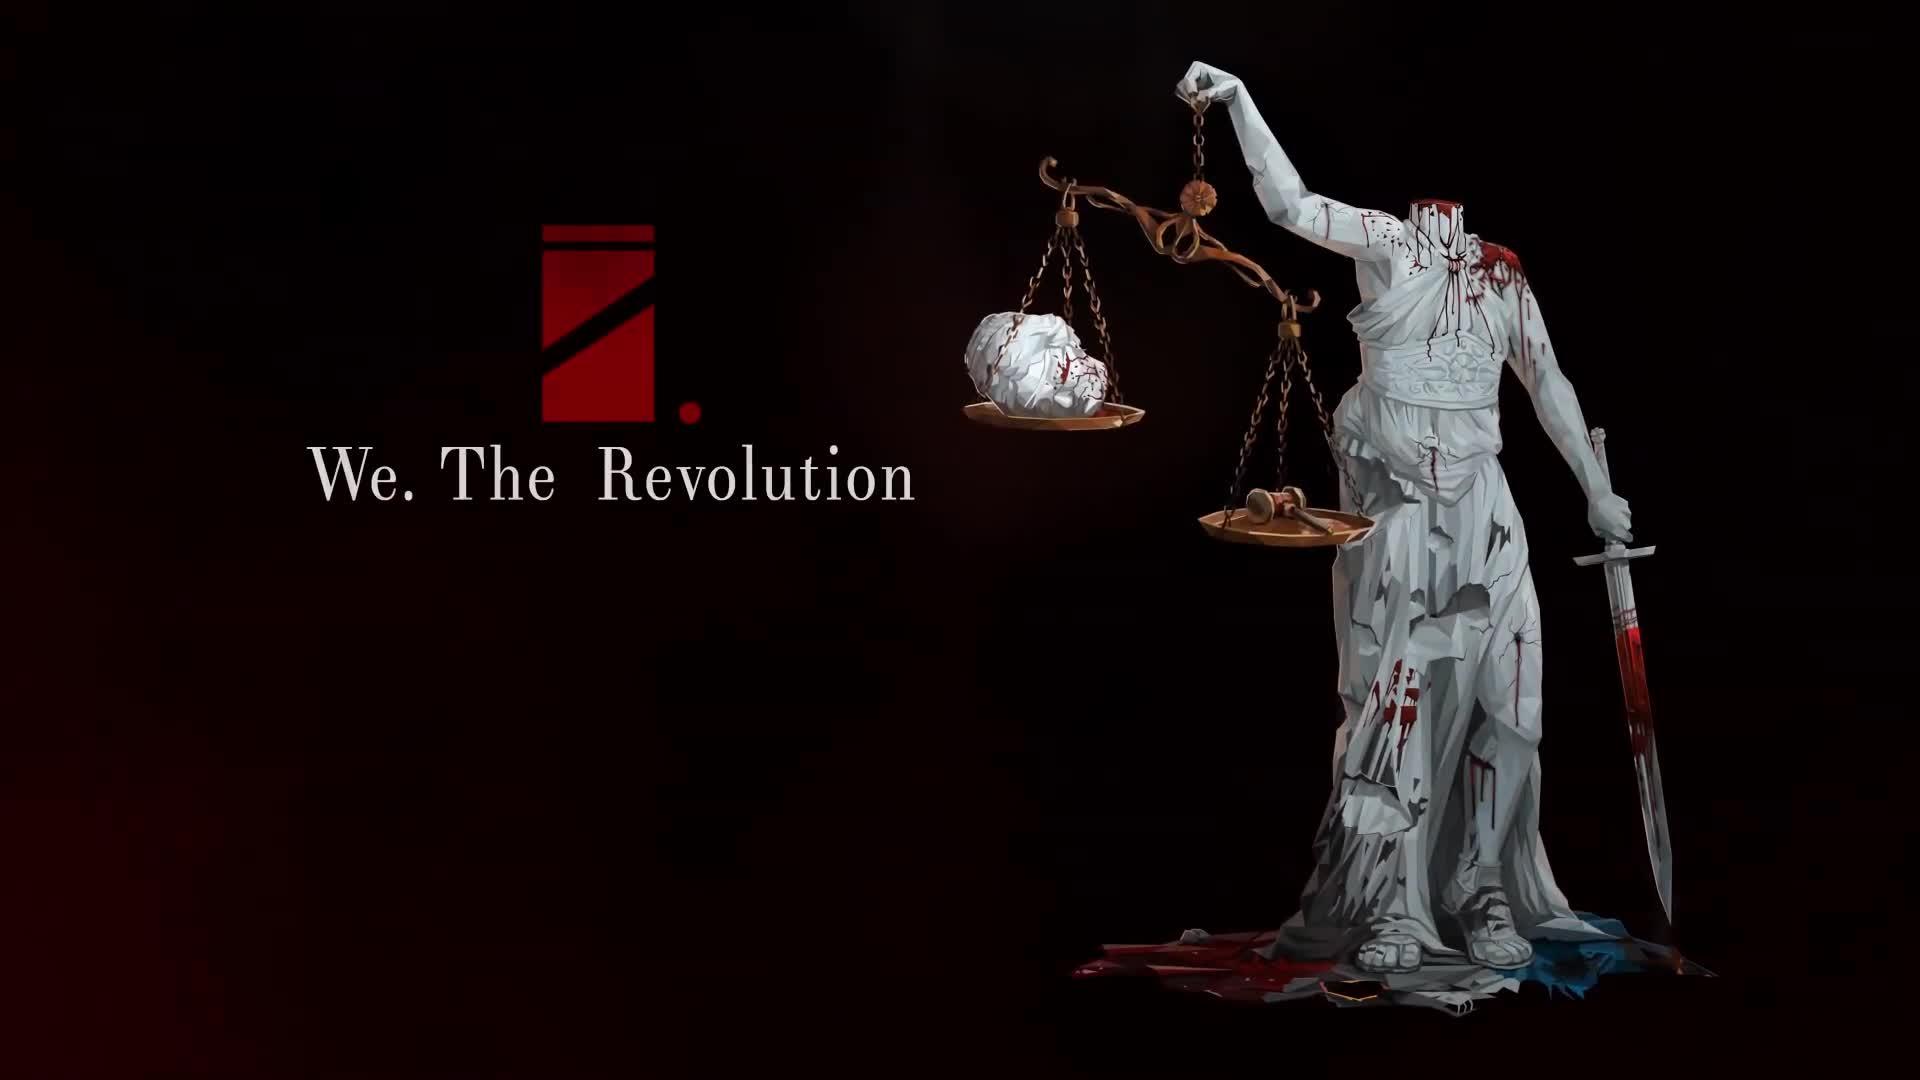 We. The Revolution: la Rivoluzione Francese scoppia su Nintendo Switch